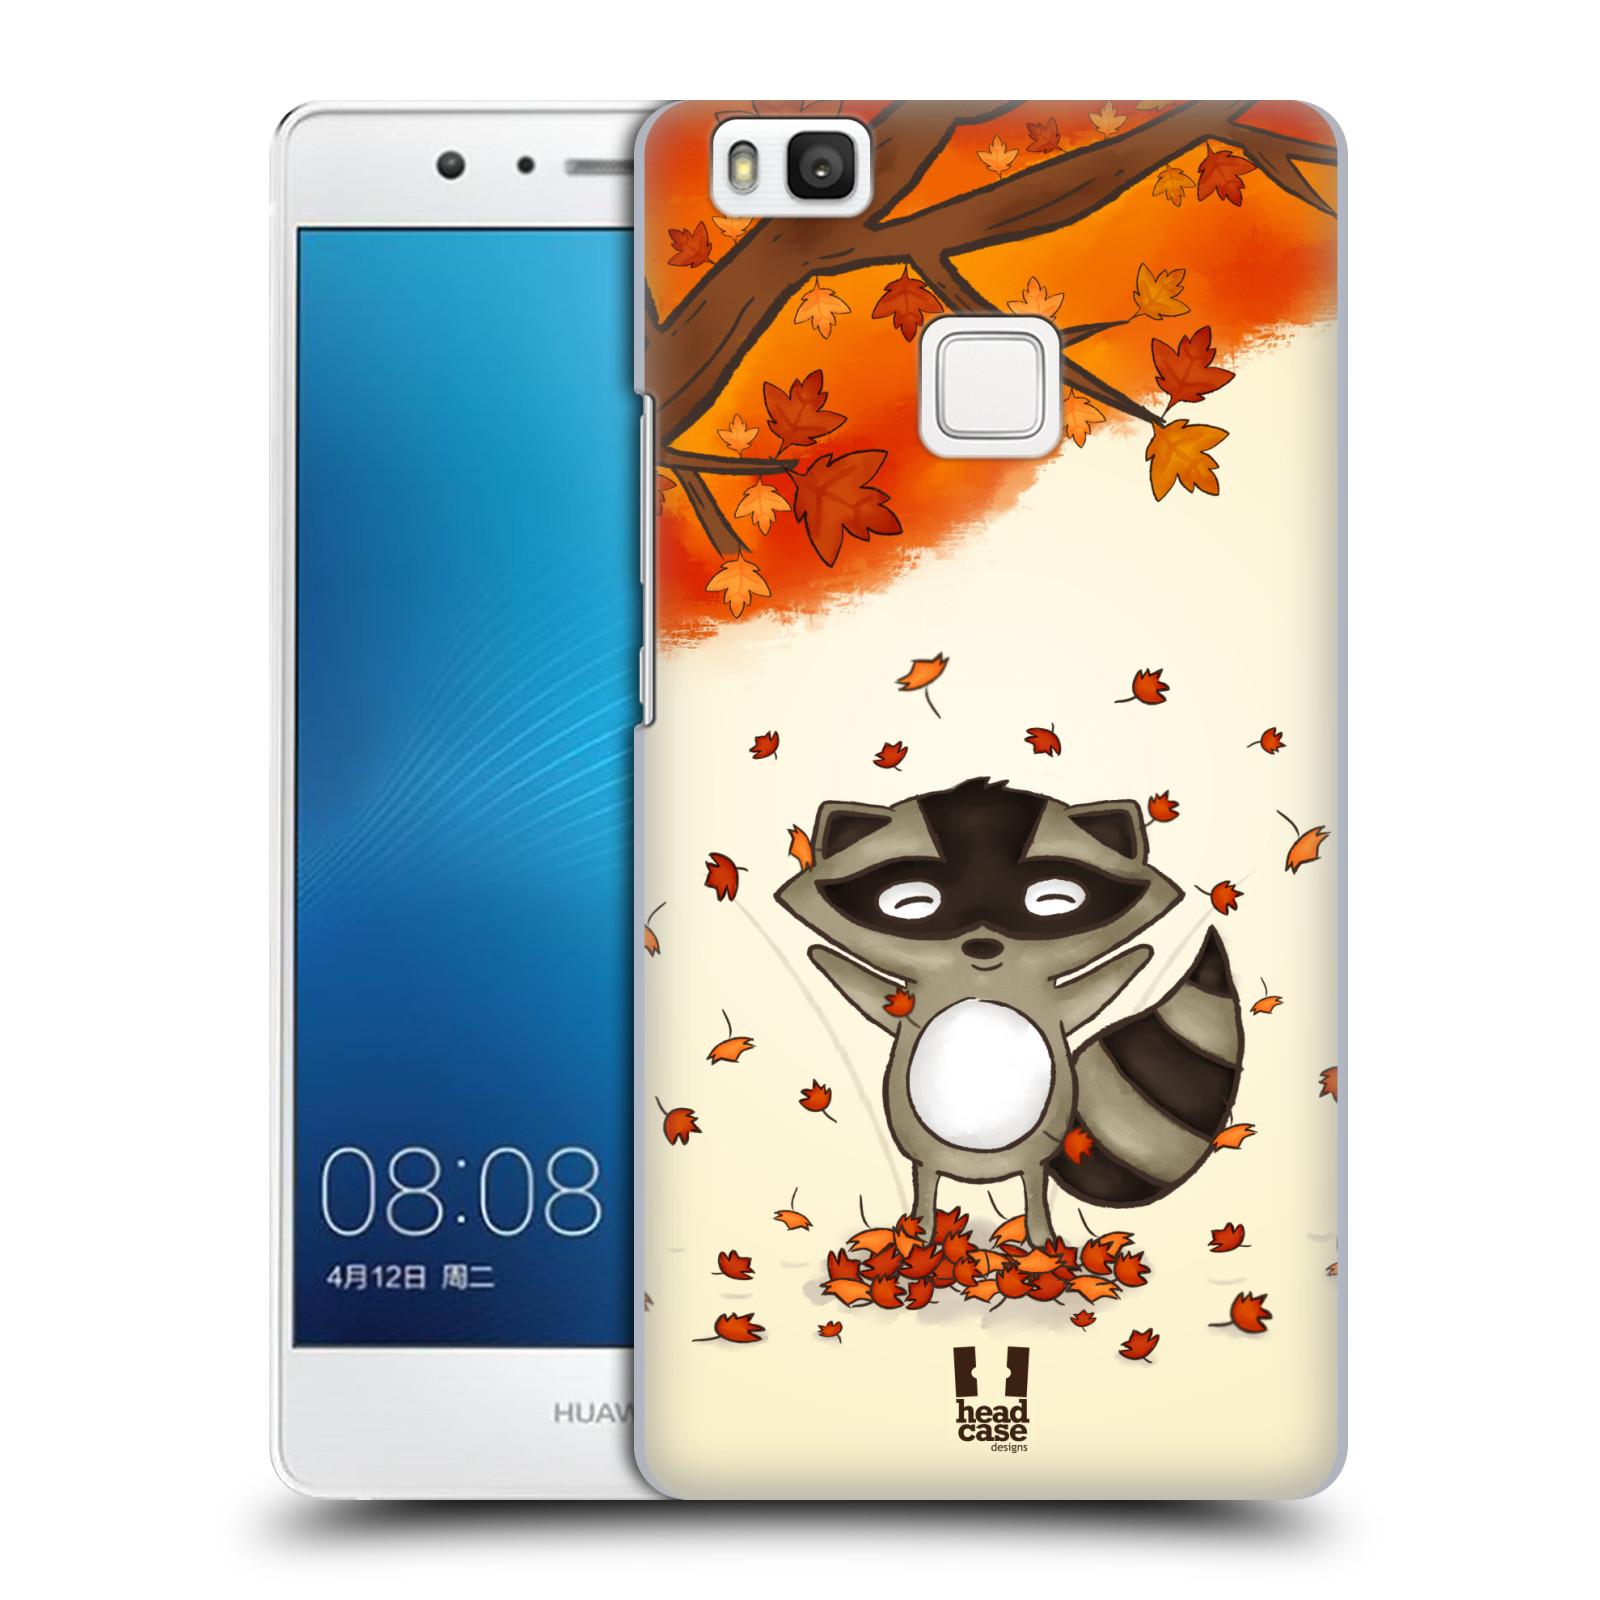 HEAD CASE plastový obal na mobil Huawei P9 LITE / P9 LITE DUAL SIM vzor podzimní zvířátka mýval